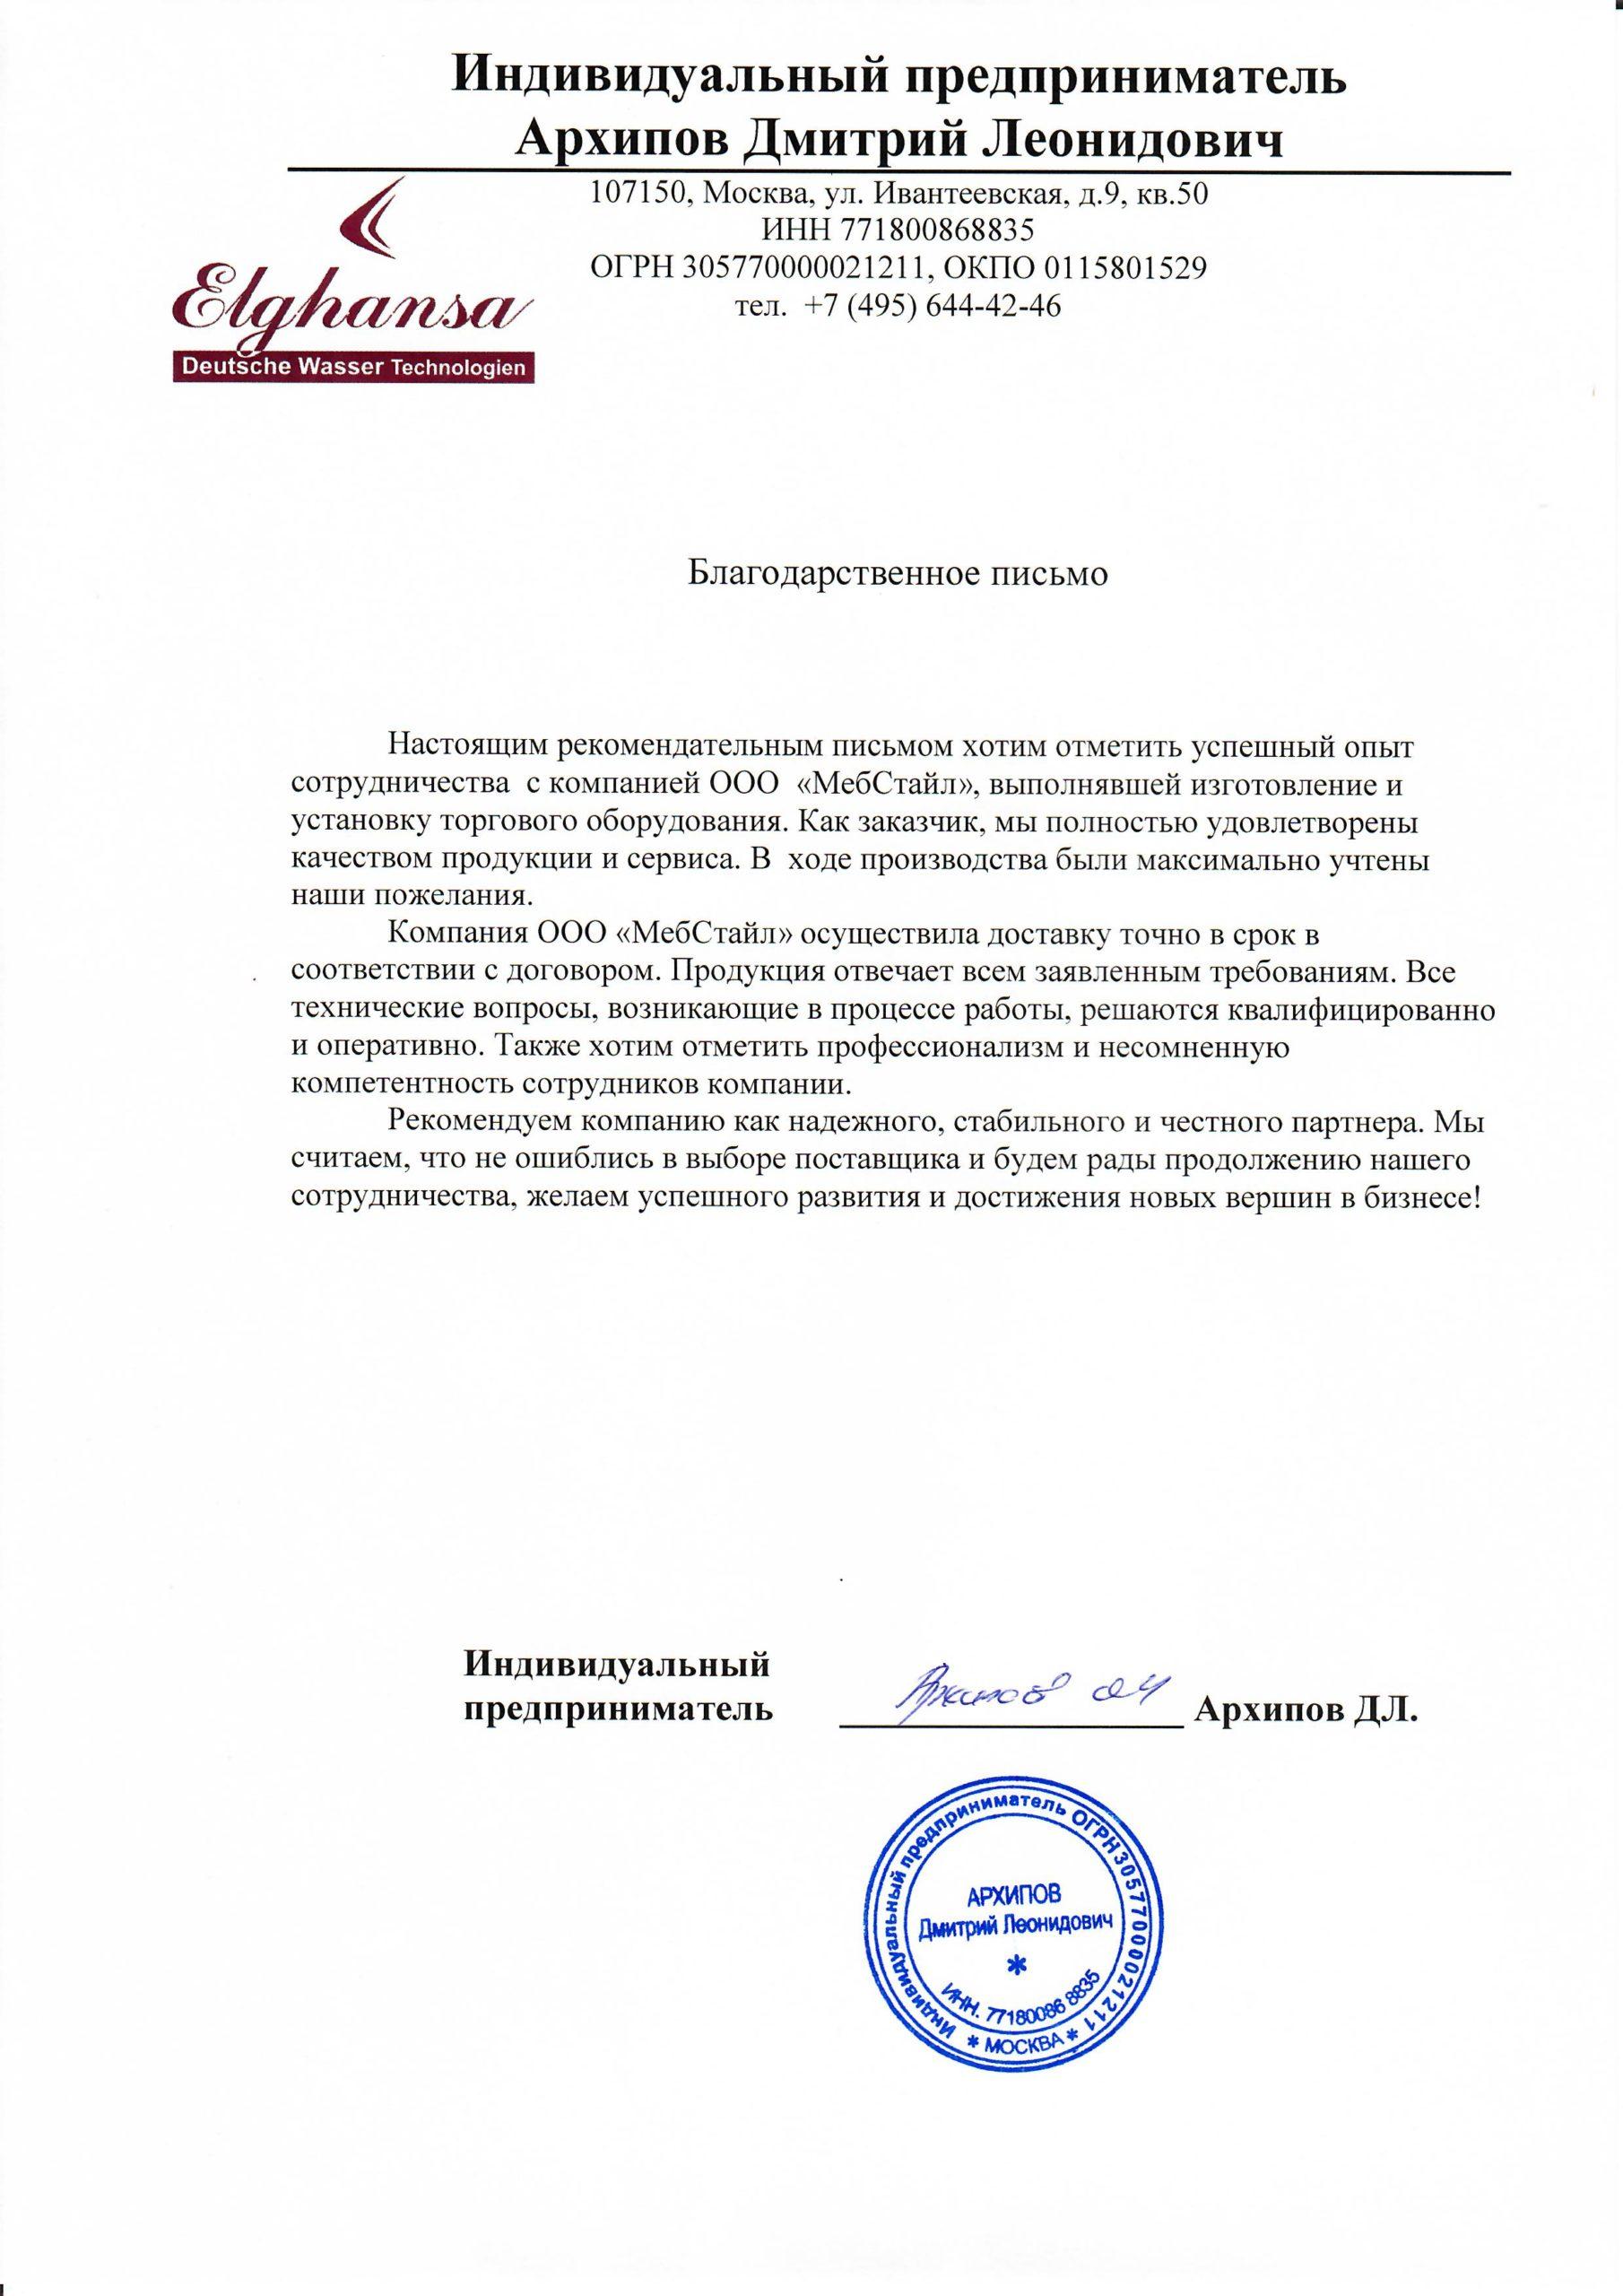 Благодарственное письмо МЕБСТАЙЛ